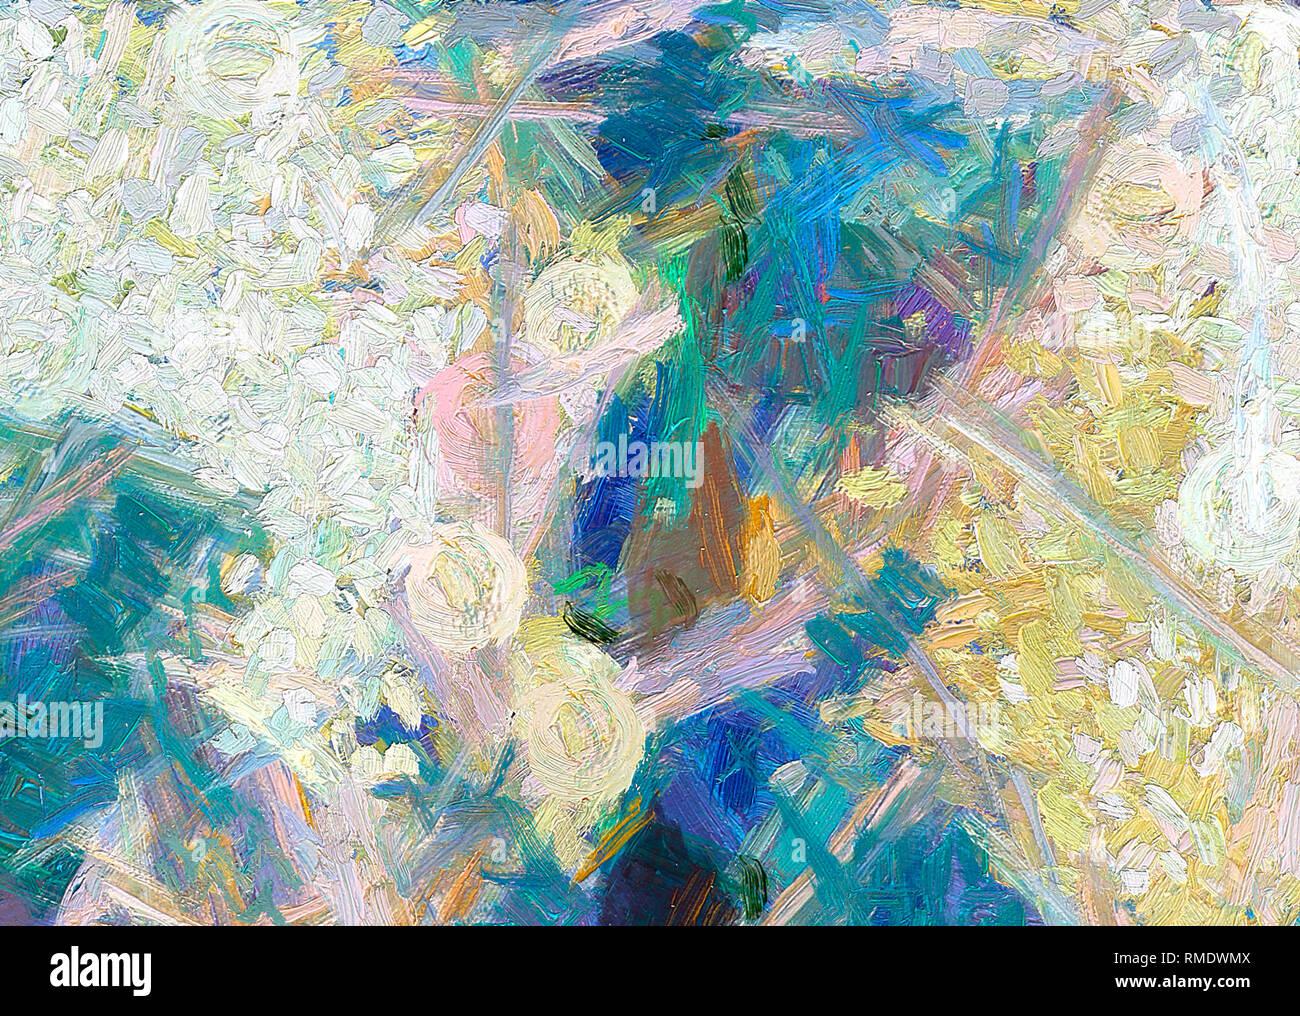 La Peinture Abstraite L Art De Mur Toile Impression De La